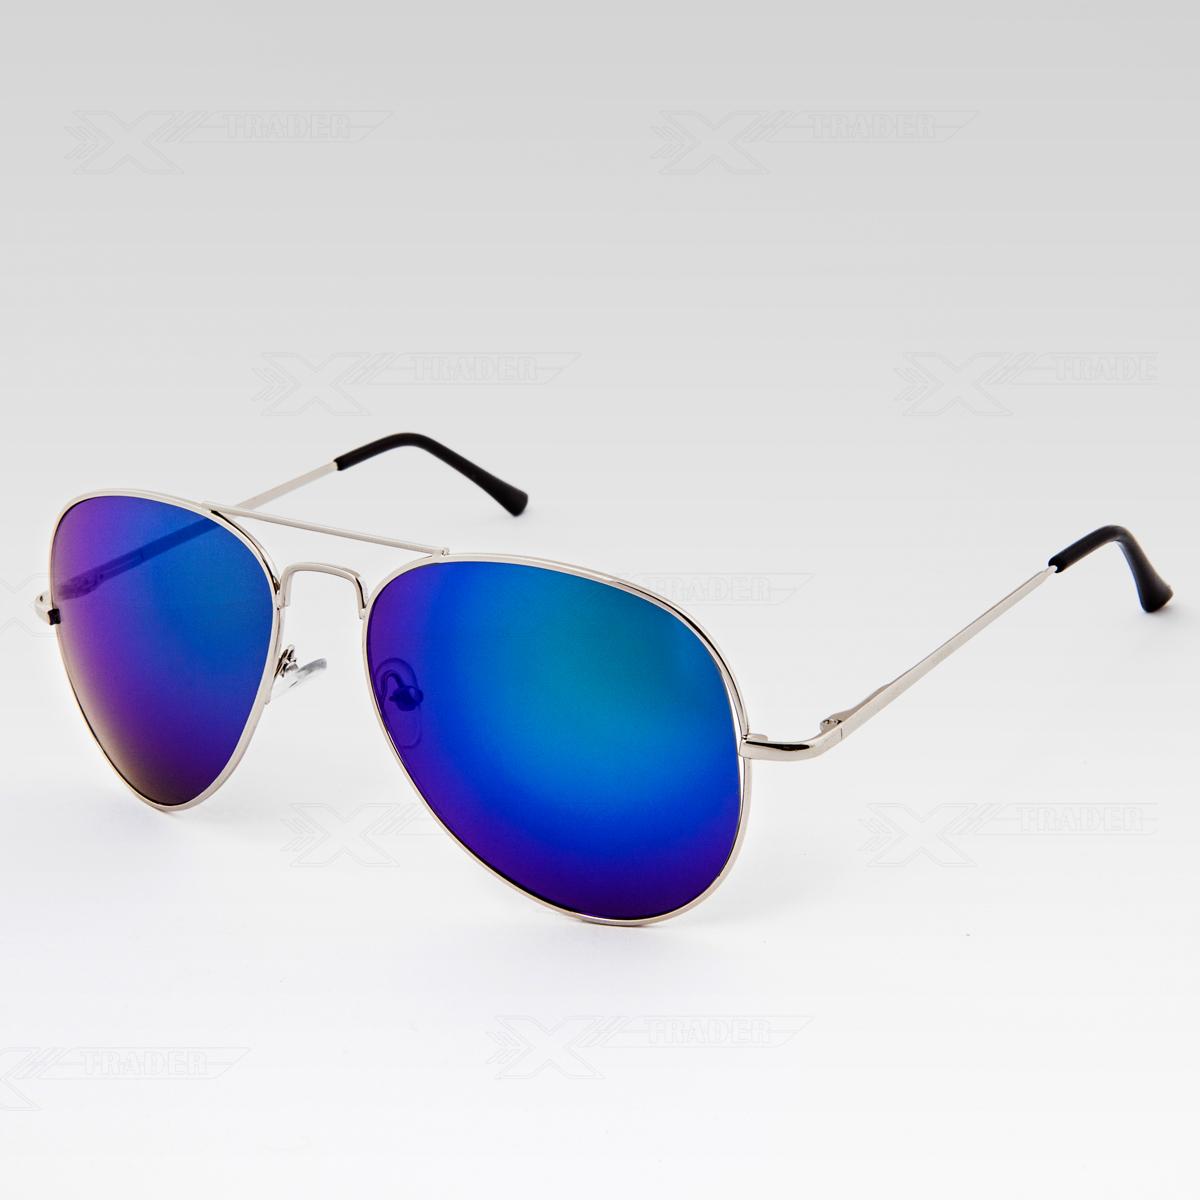 Sluneční brýle Pilotky zrcadlovky stříbrné obroučky modré